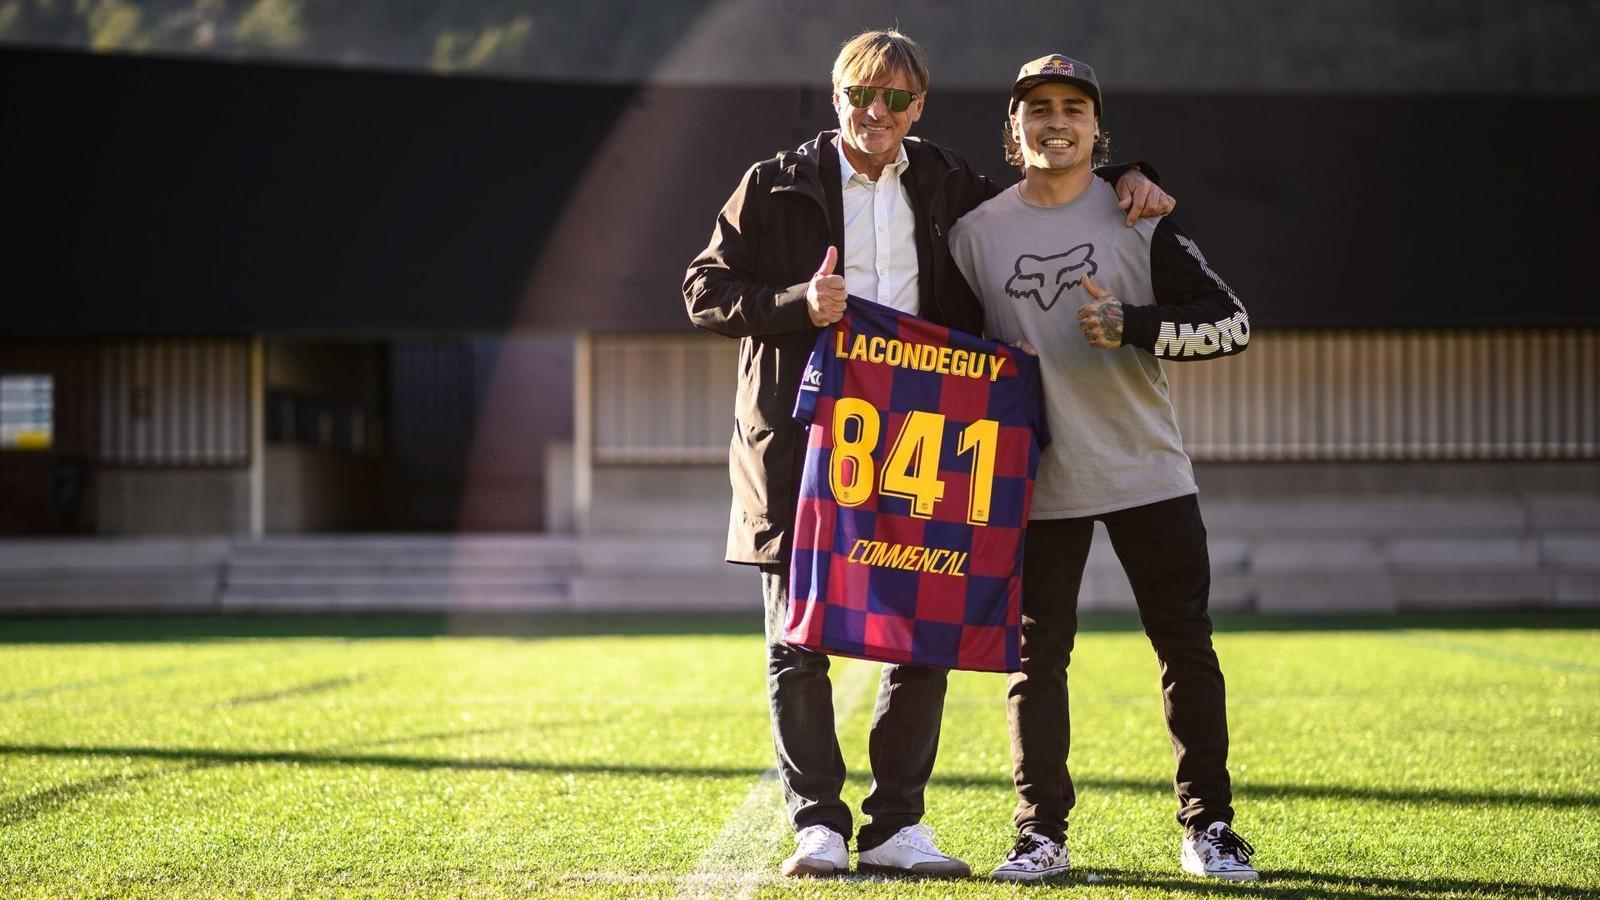 COMMENCAL Football Club Signs Andreu Lacondeguy